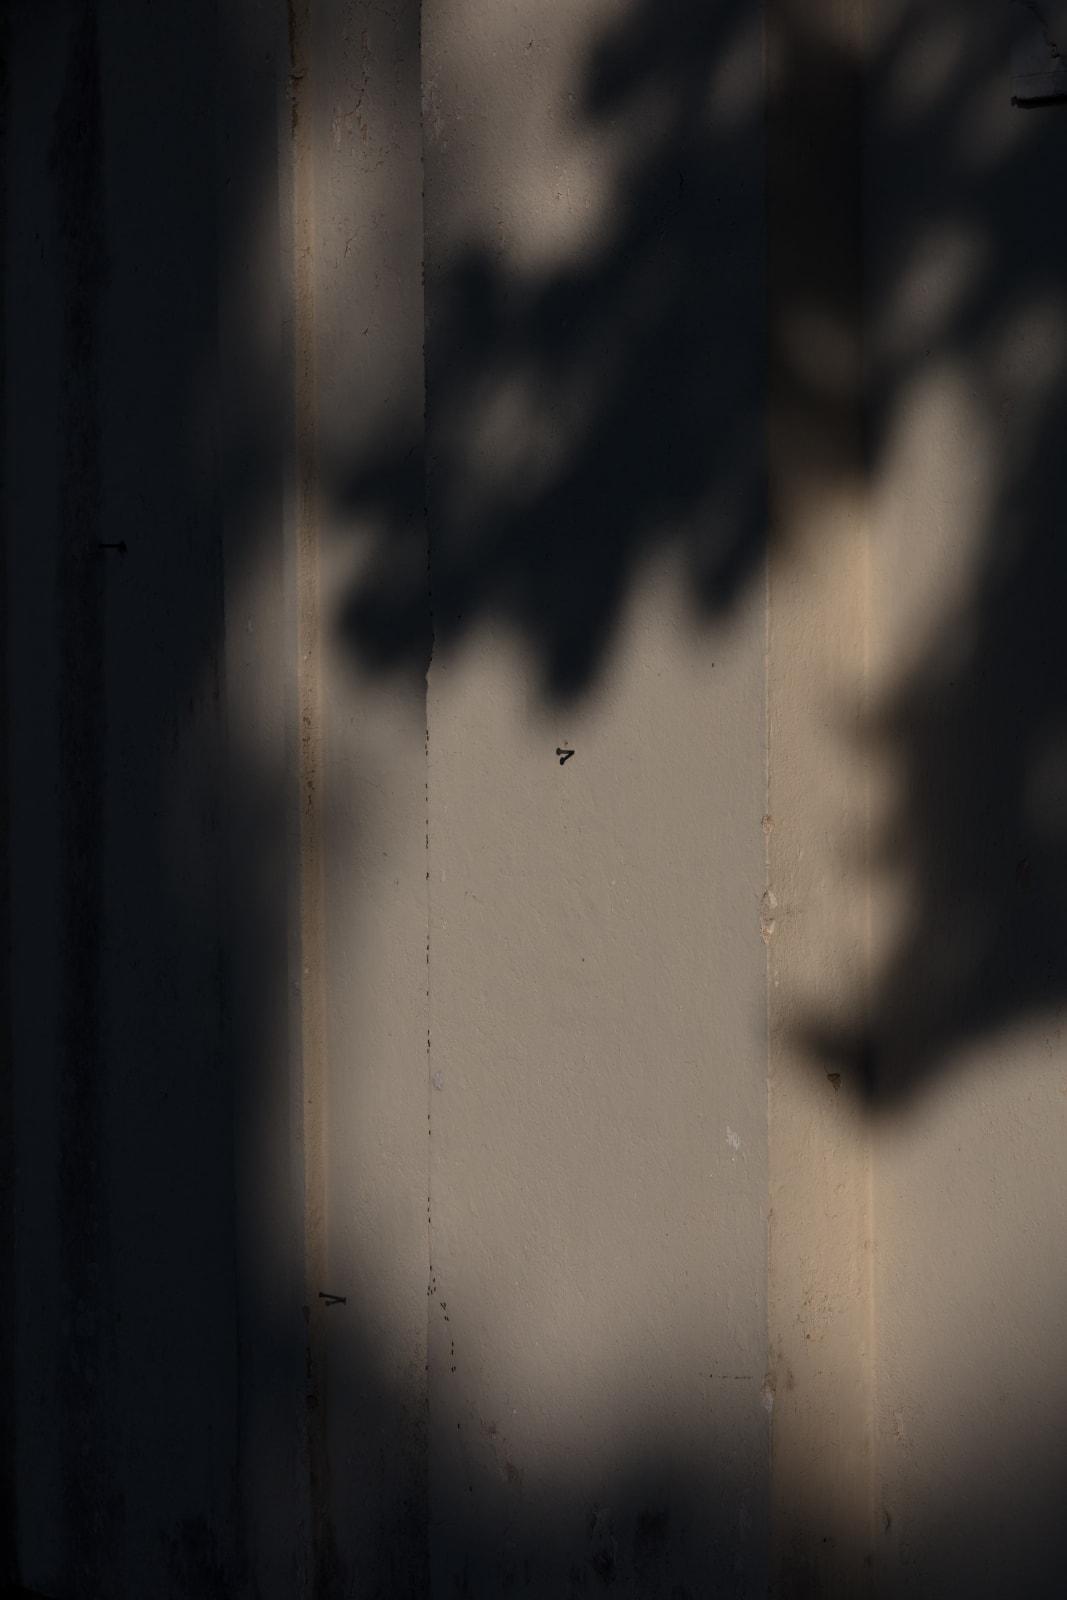 Nataša Segulin, Dugi otok Zman 4, 2020